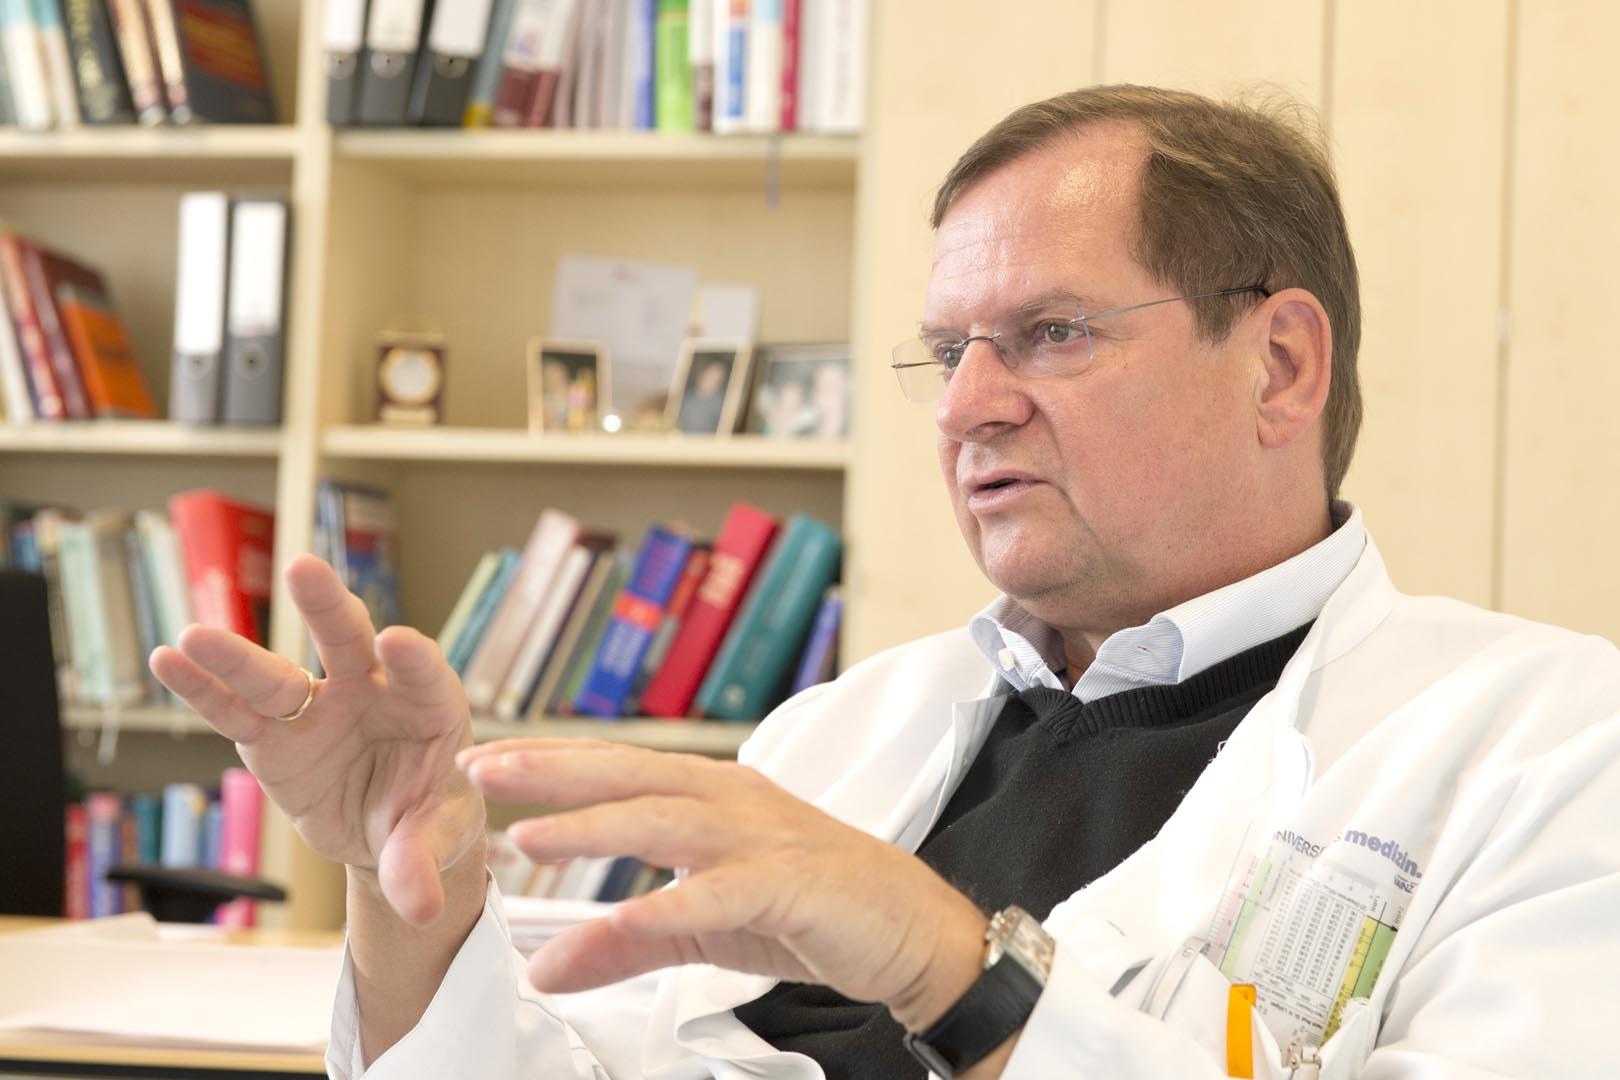 Professor Thomas Münzel hat als Leiter der Uniklinik Mainz eine Studie zu den Wirkungen des Fluglärms erarbeitet. Erkenntnisse und Forderungen: Wenige Nächte Fluglärm haben schon messbare Folgen Stresshormonspiegel steigen Schlafqualität […]